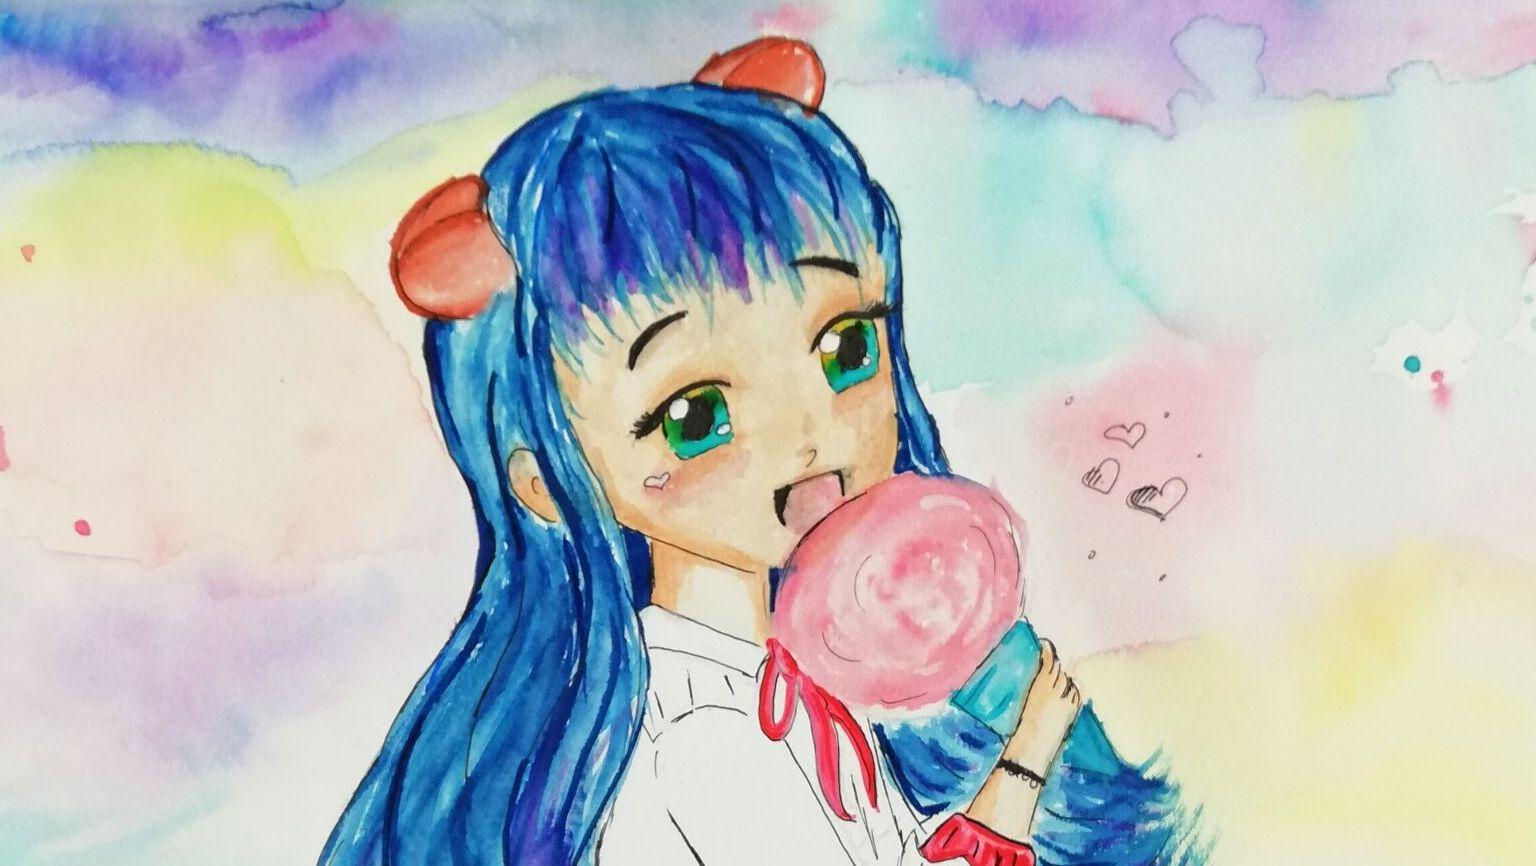 manga-dziewczynka-rysunek-scrapbooking-w-akademia-rysunku